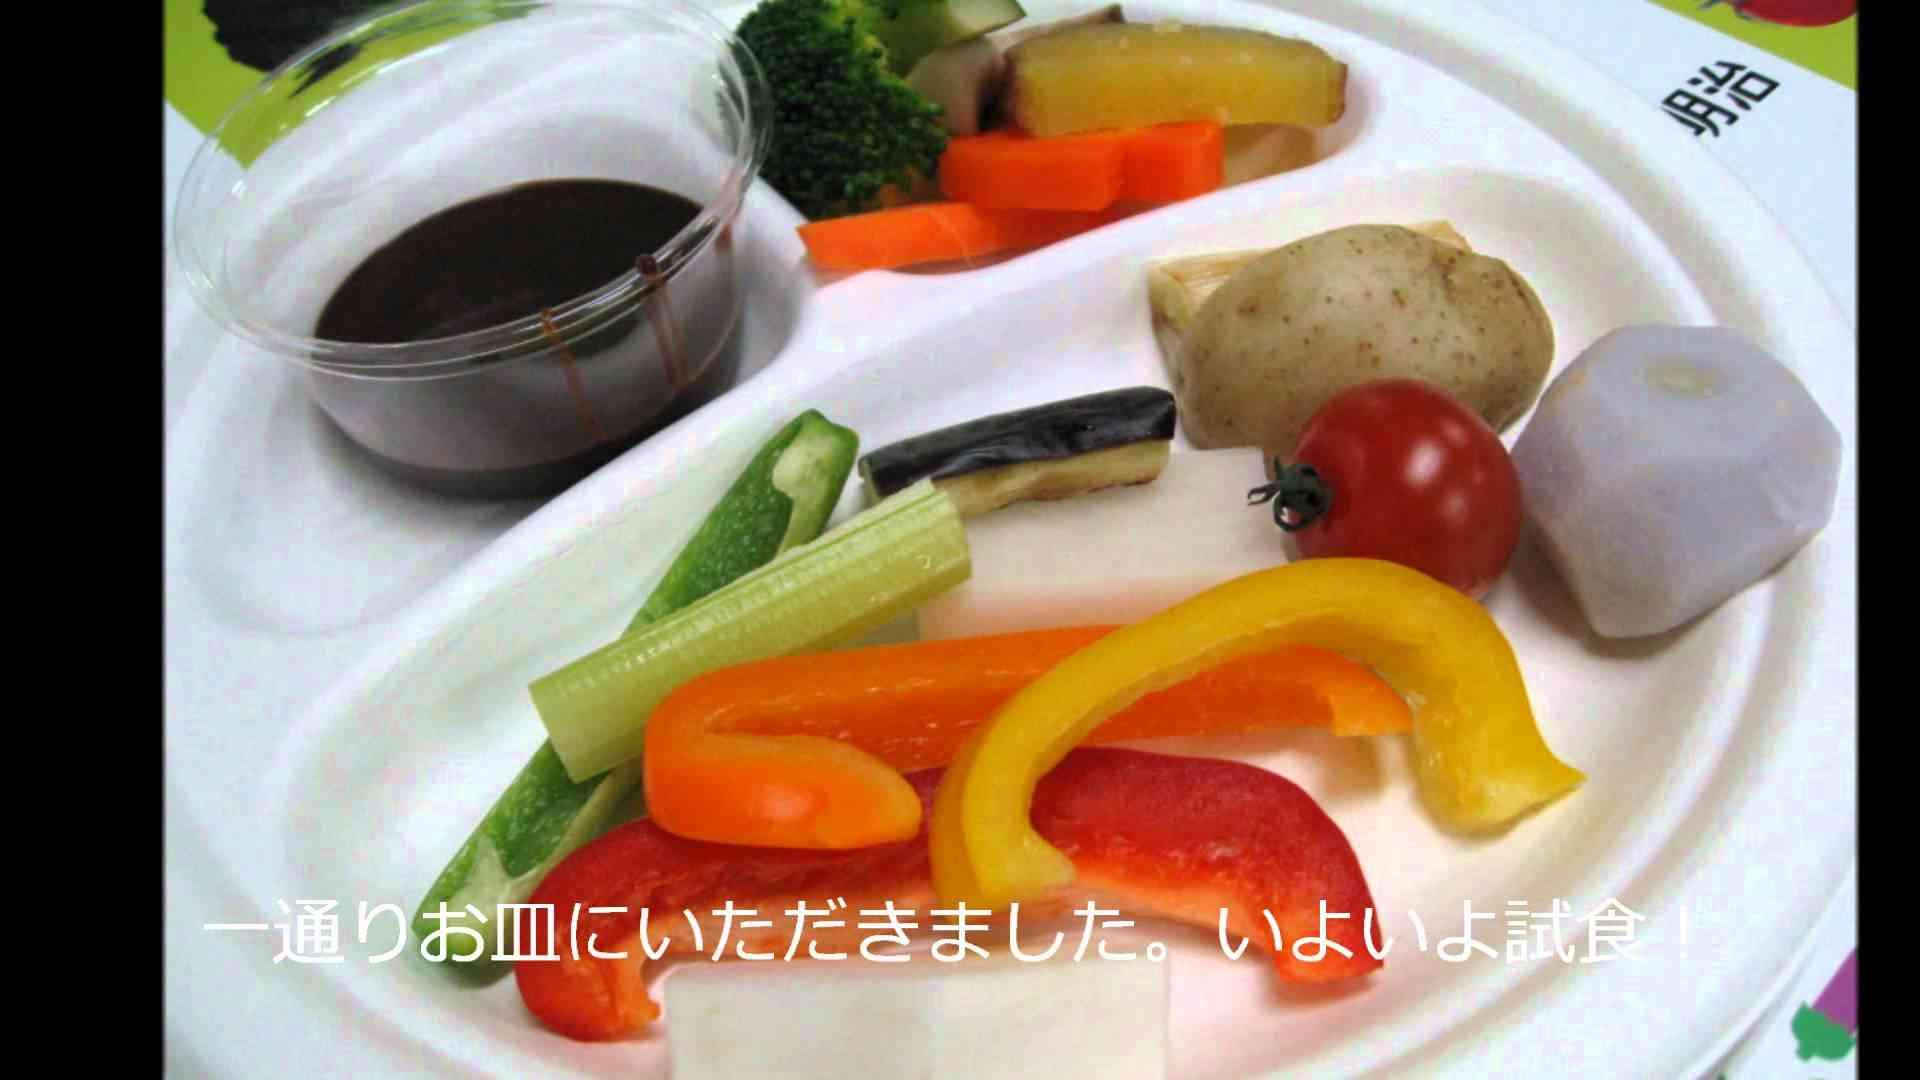 チョコベジ 作り方 ㈱明治・野菜ソムリエ協会推奨 - YouTube